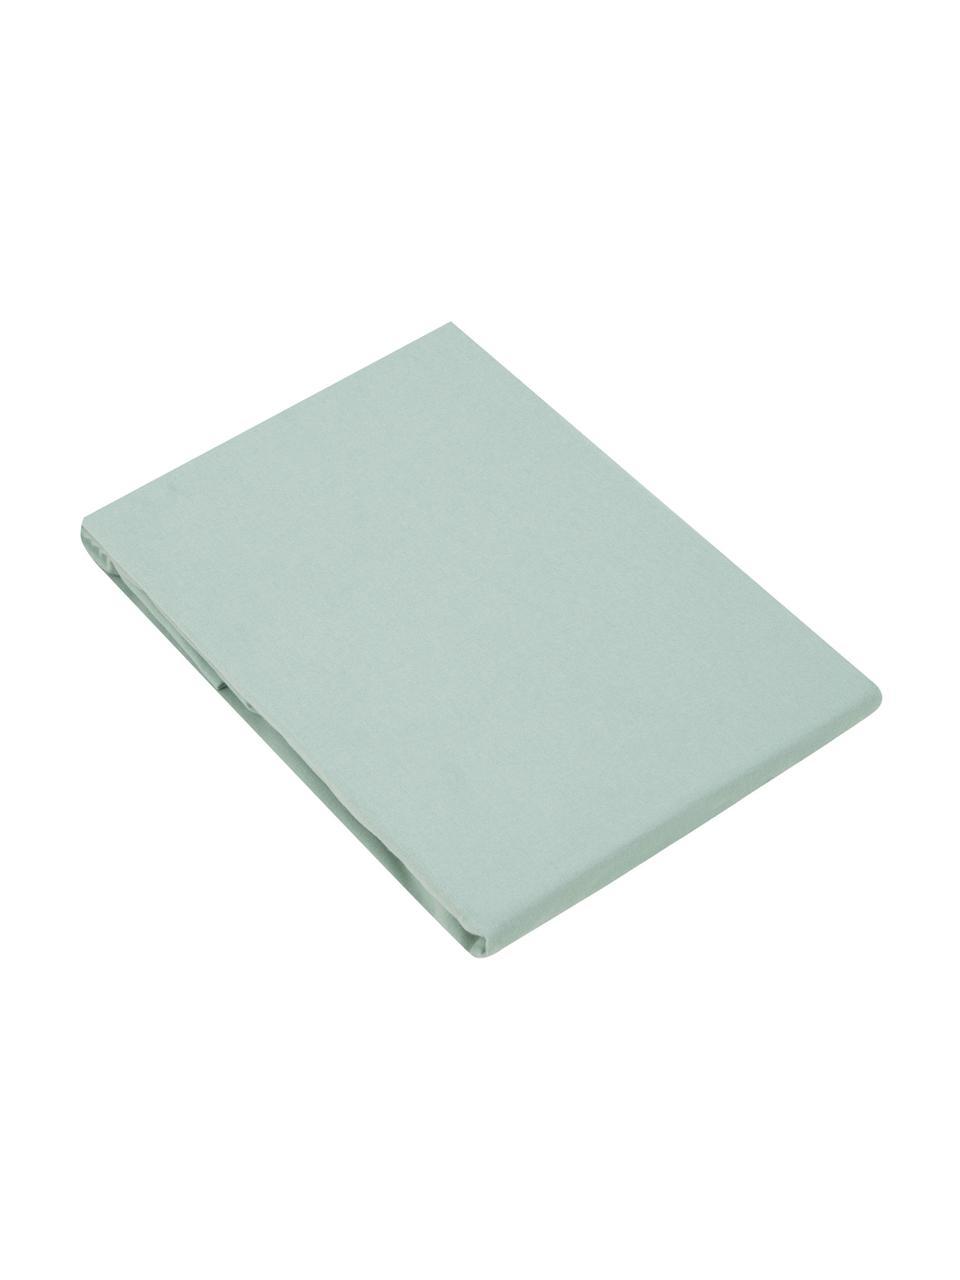 Lenzuolo con angoli in flanella verde salvia Biba, Tessuto: flanella, Verde salvia, Larg. 180 x Lung. 200 cm